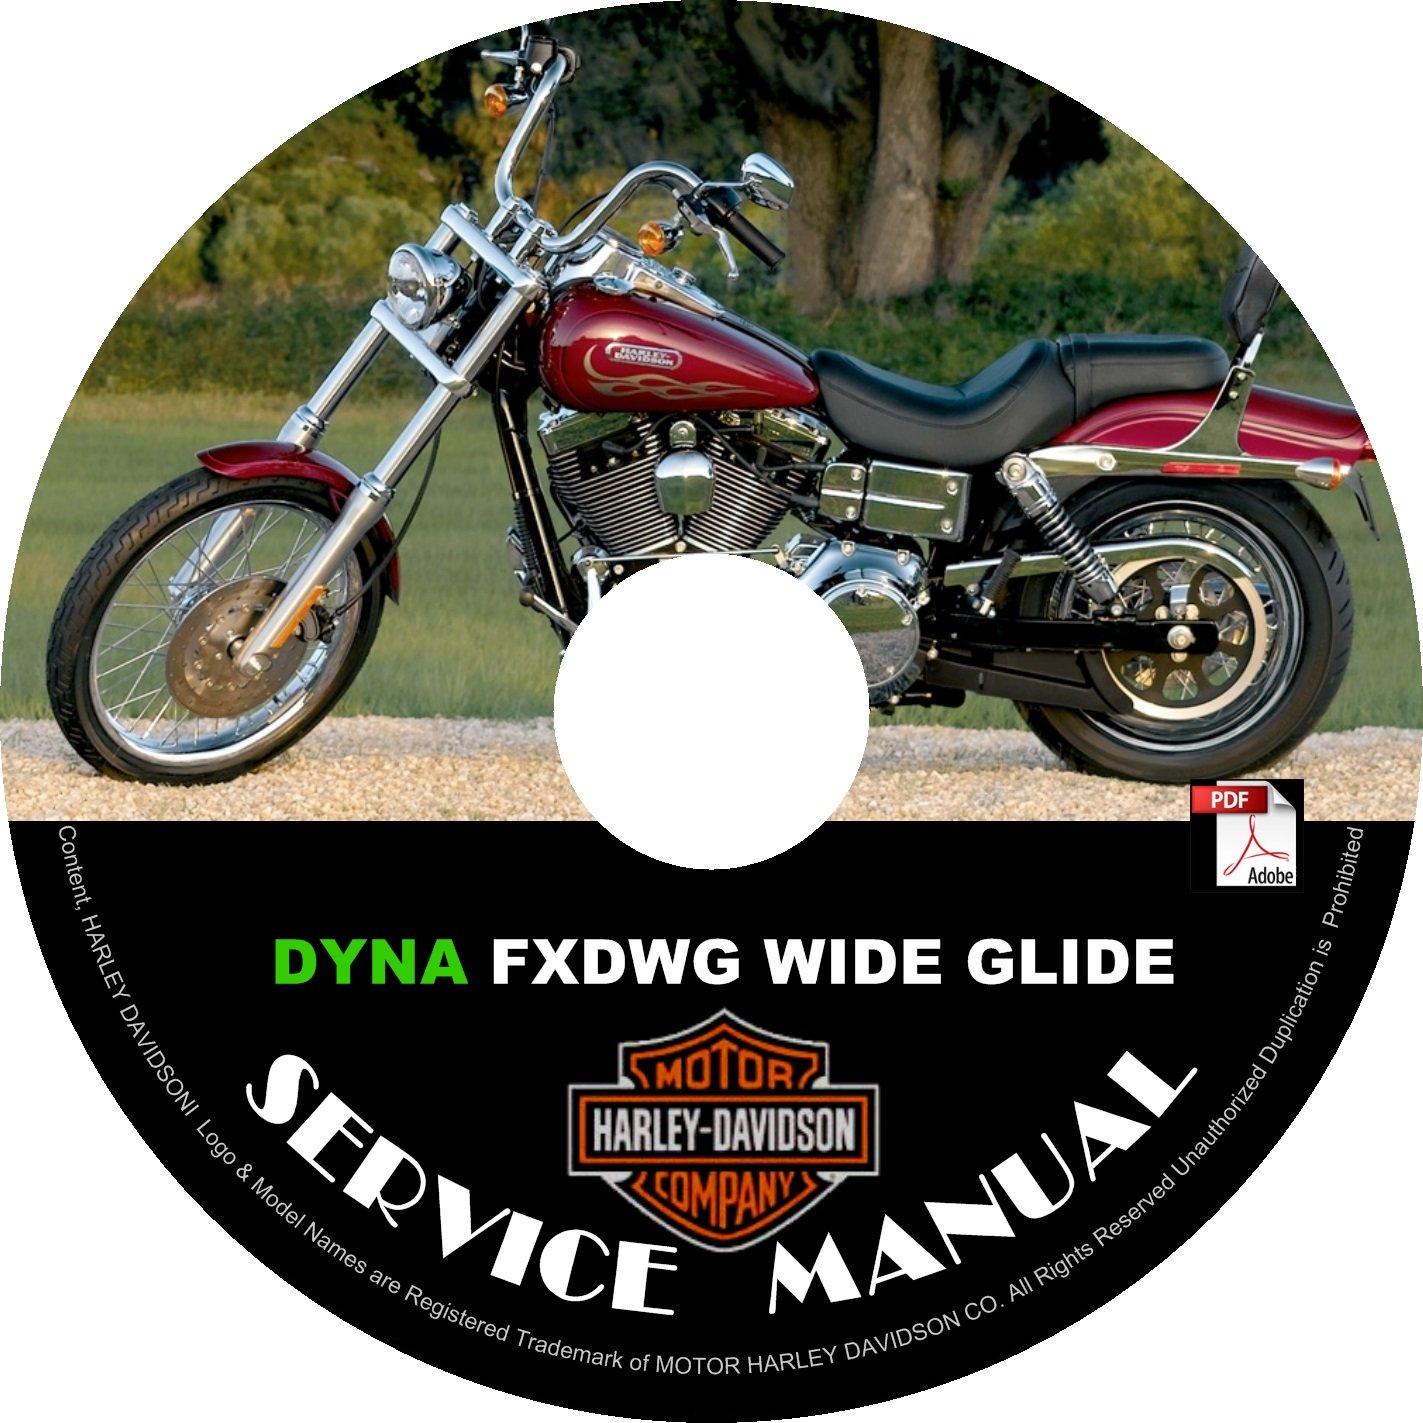 1999 Harley Davidson DYNA FXDWG Wide Glide Service Repair Shop Manual on CD '99 Fix Rebuild Workshop